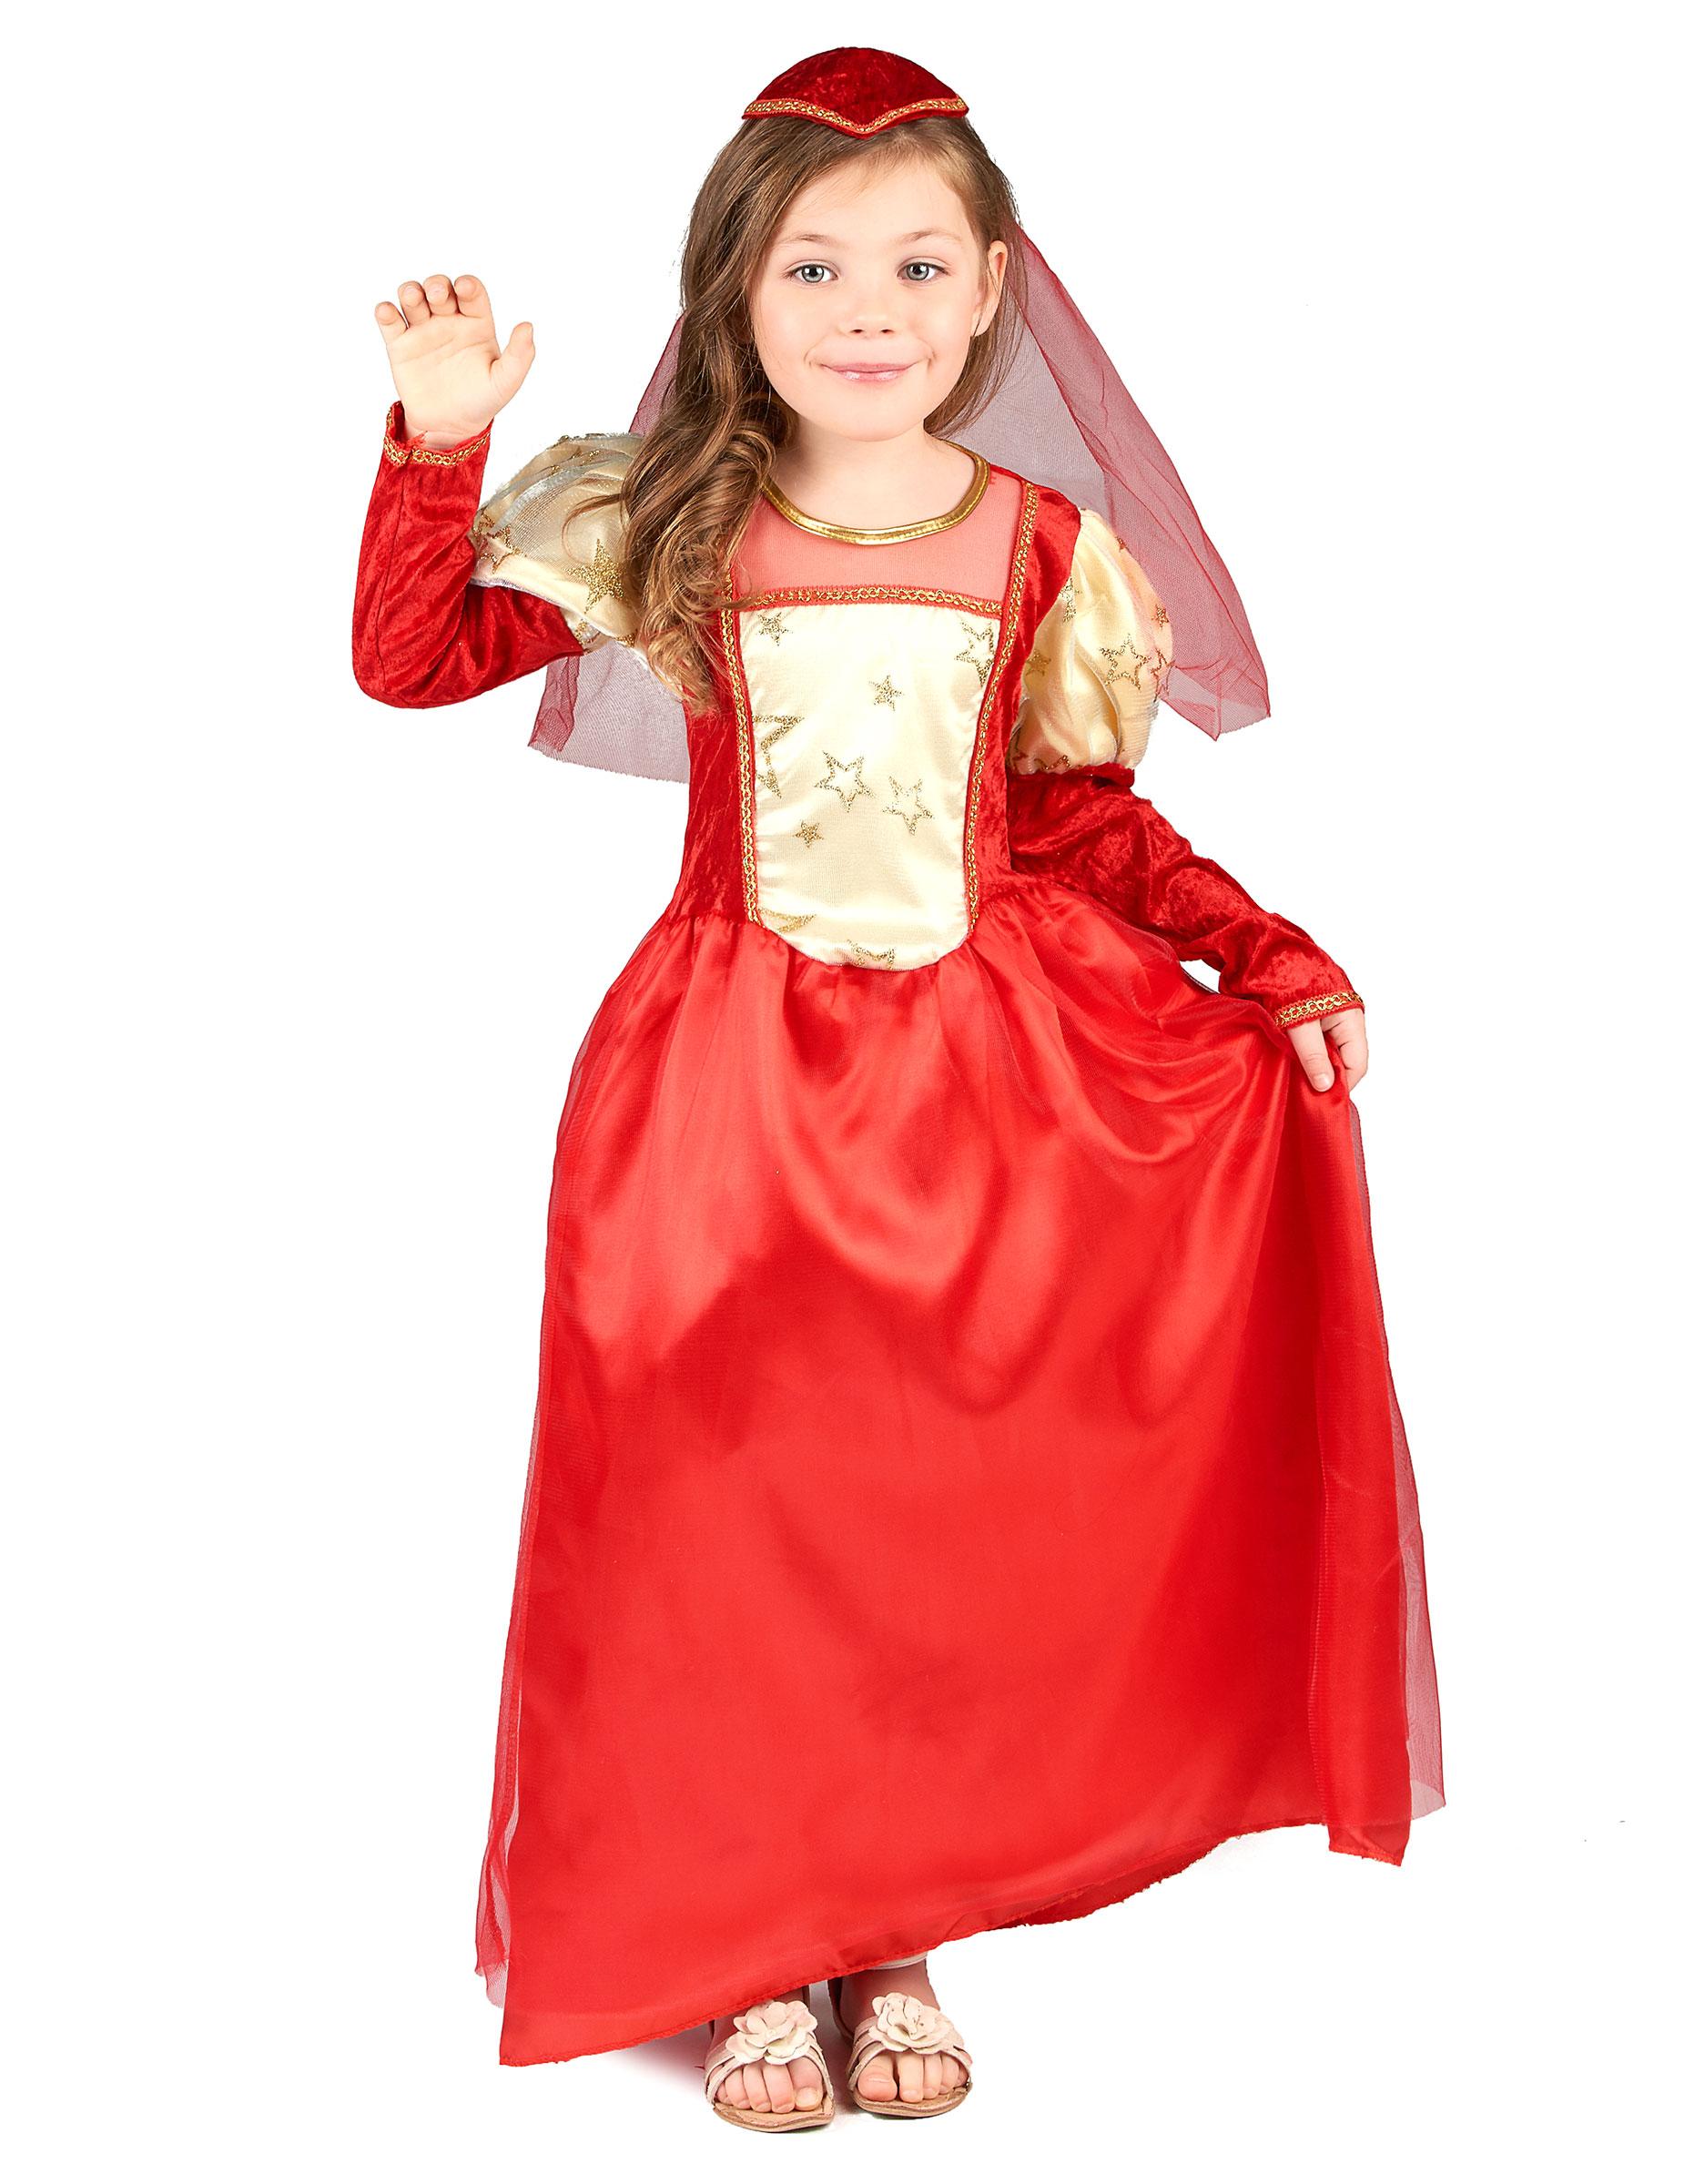 verkleidung mittelalterliches m dchen in rot kost me f r kinder und g nstige faschingskost me. Black Bedroom Furniture Sets. Home Design Ideas